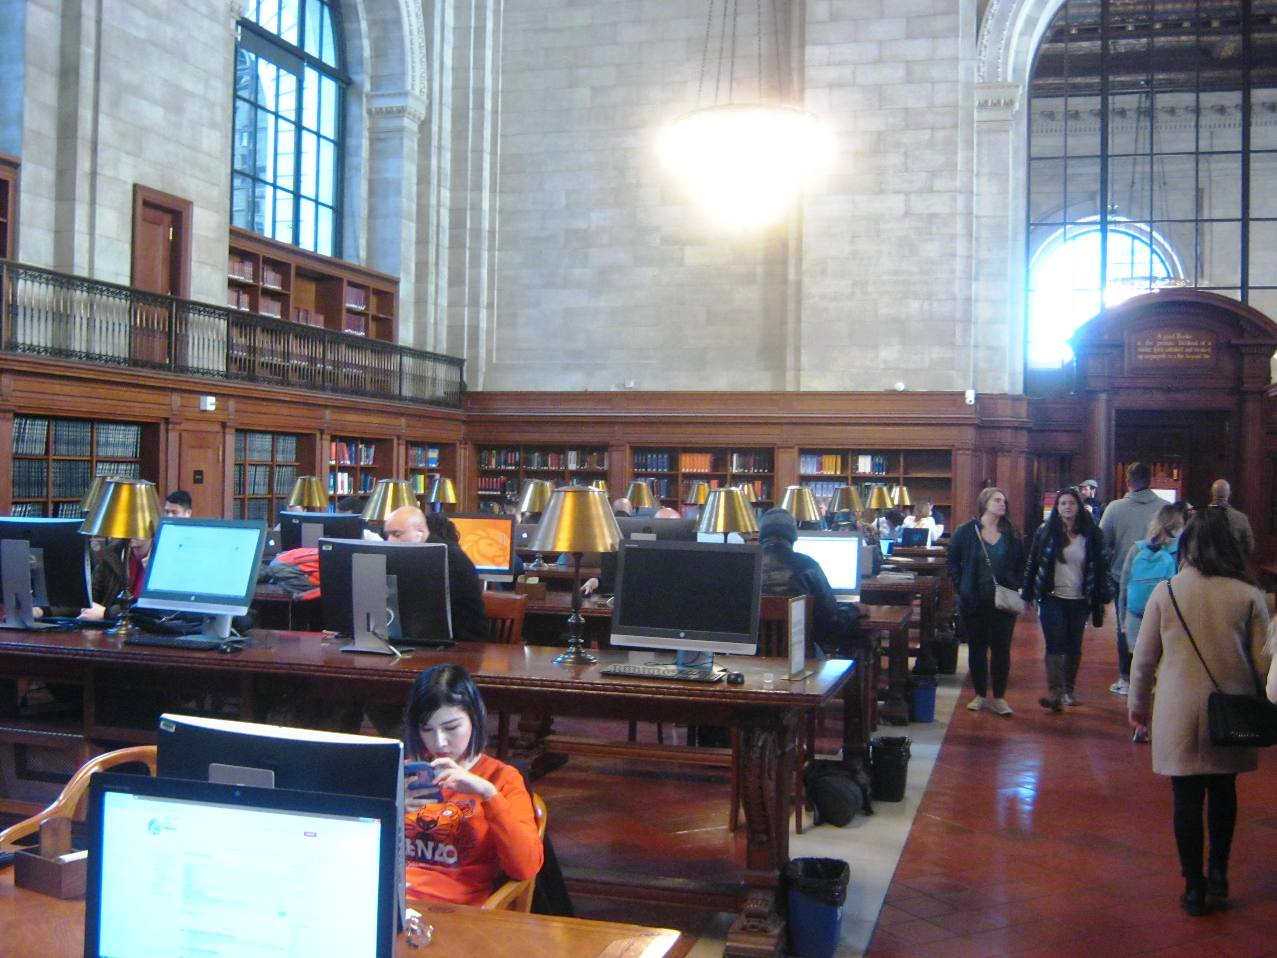 ニューヨーク公共図書館本館で。